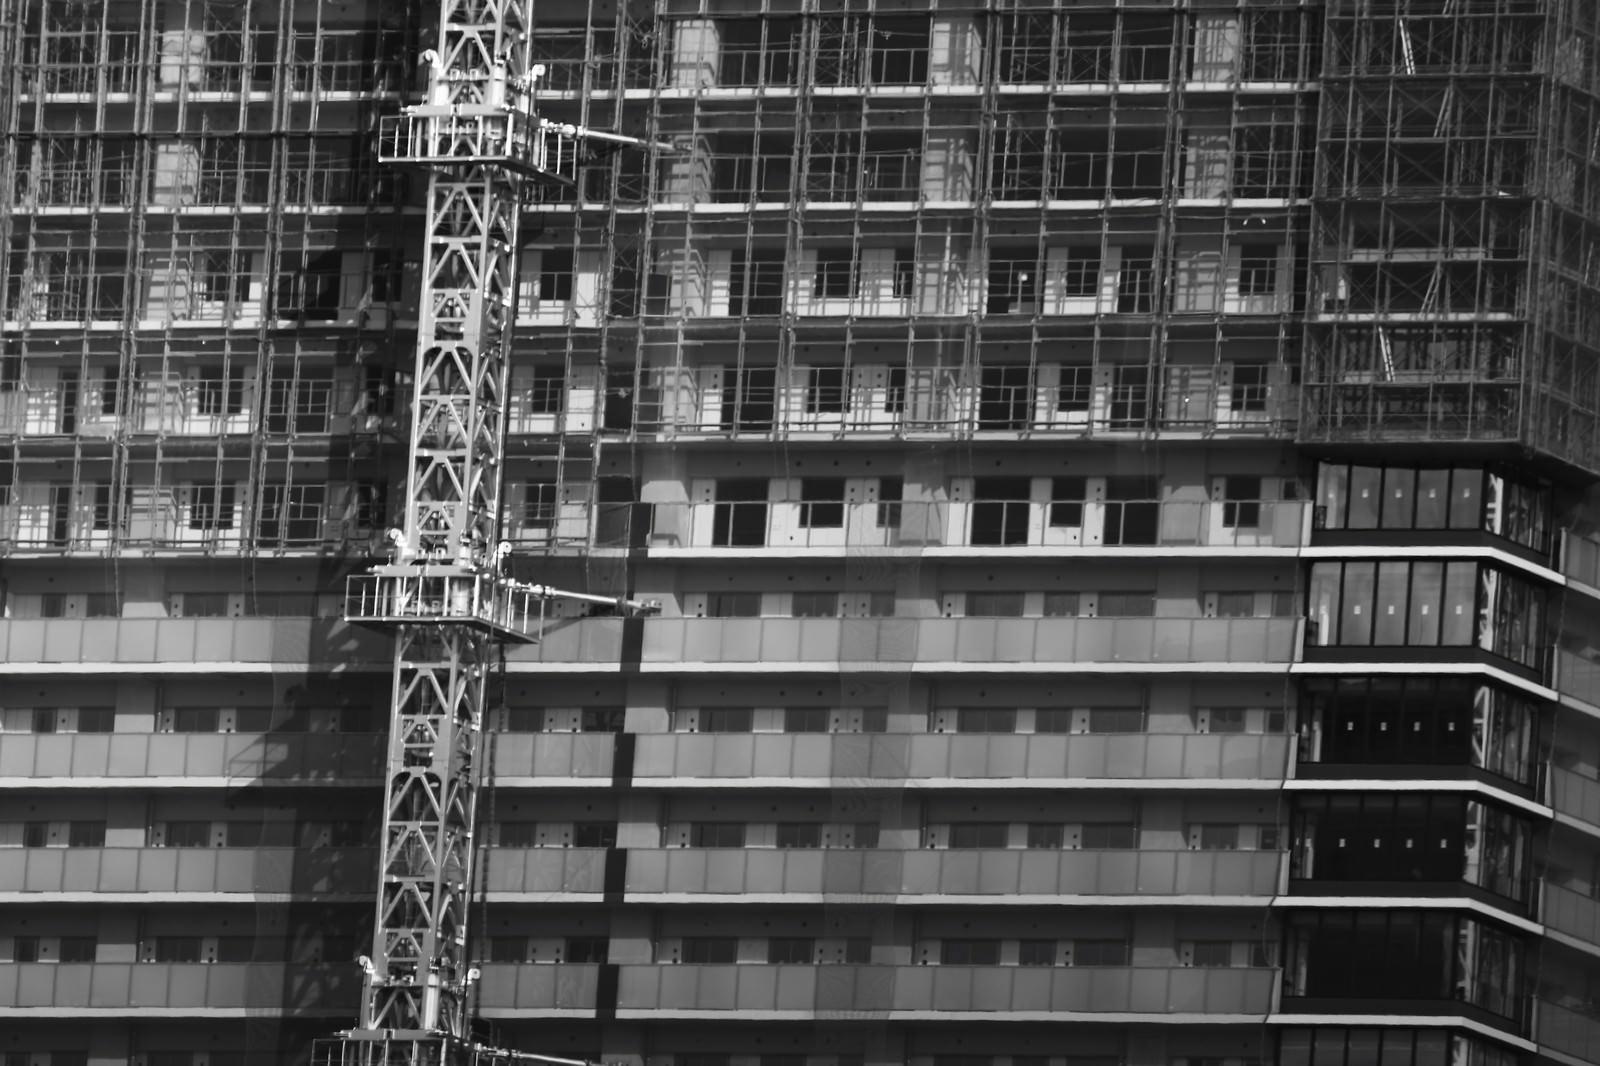 「足場が組まれた高層階足場が組まれた高層階」のフリー写真素材を拡大